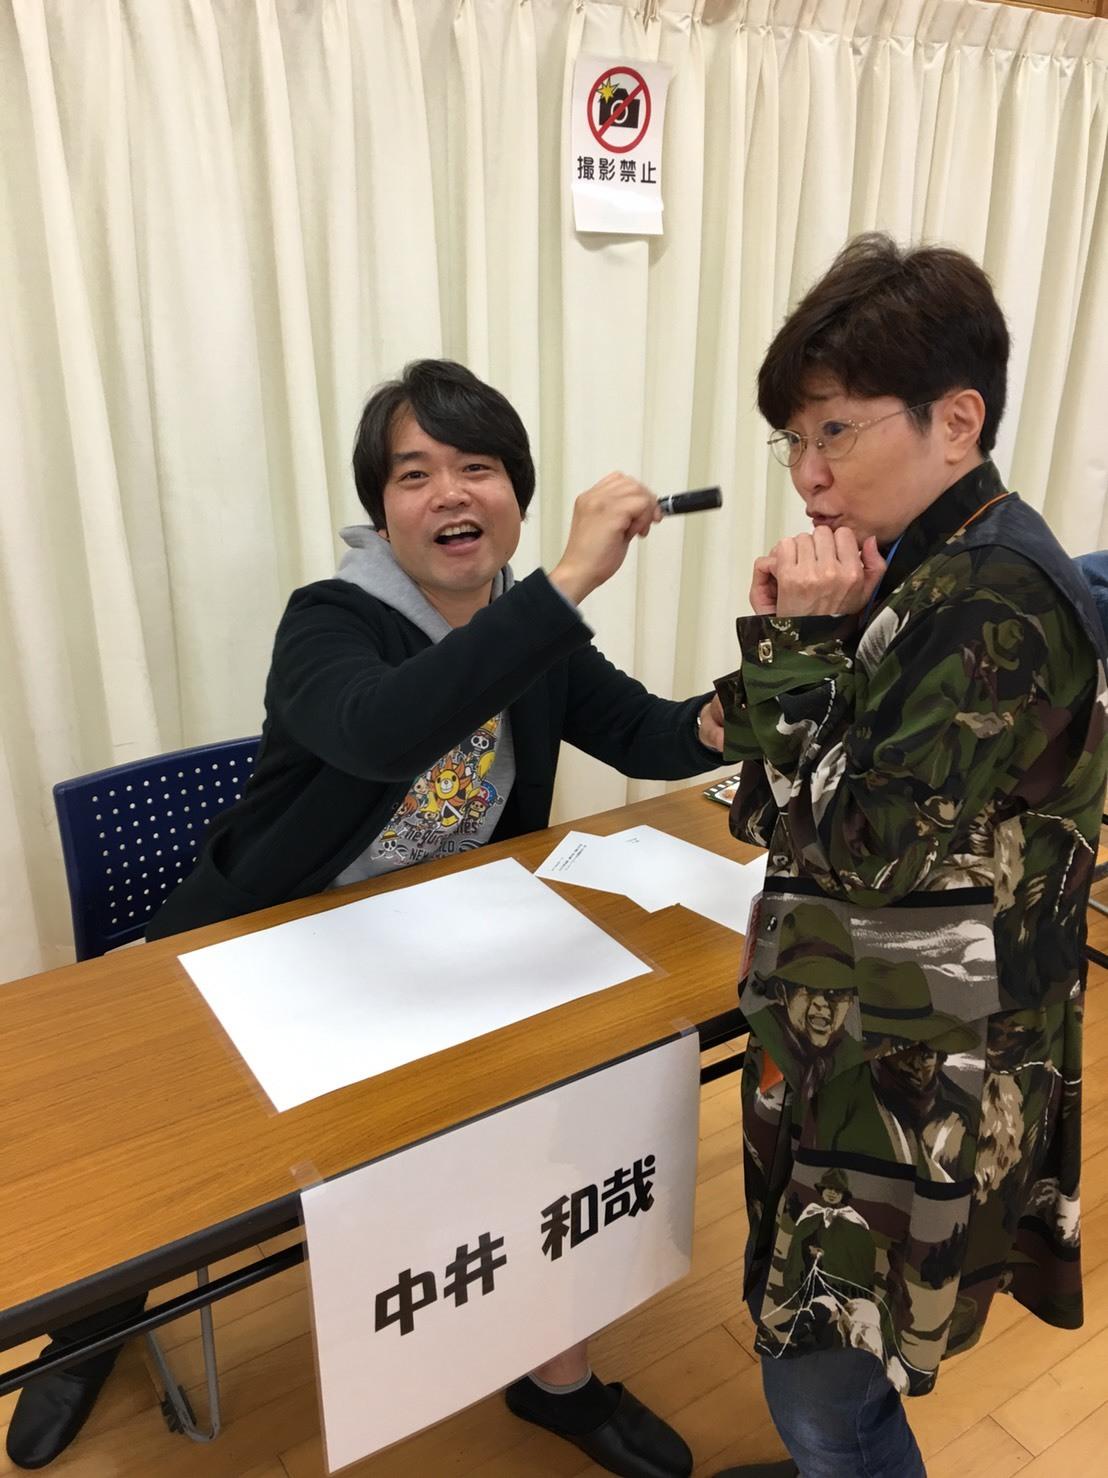 日俳連チャリティーイベント②_a0163623_21283177.jpg